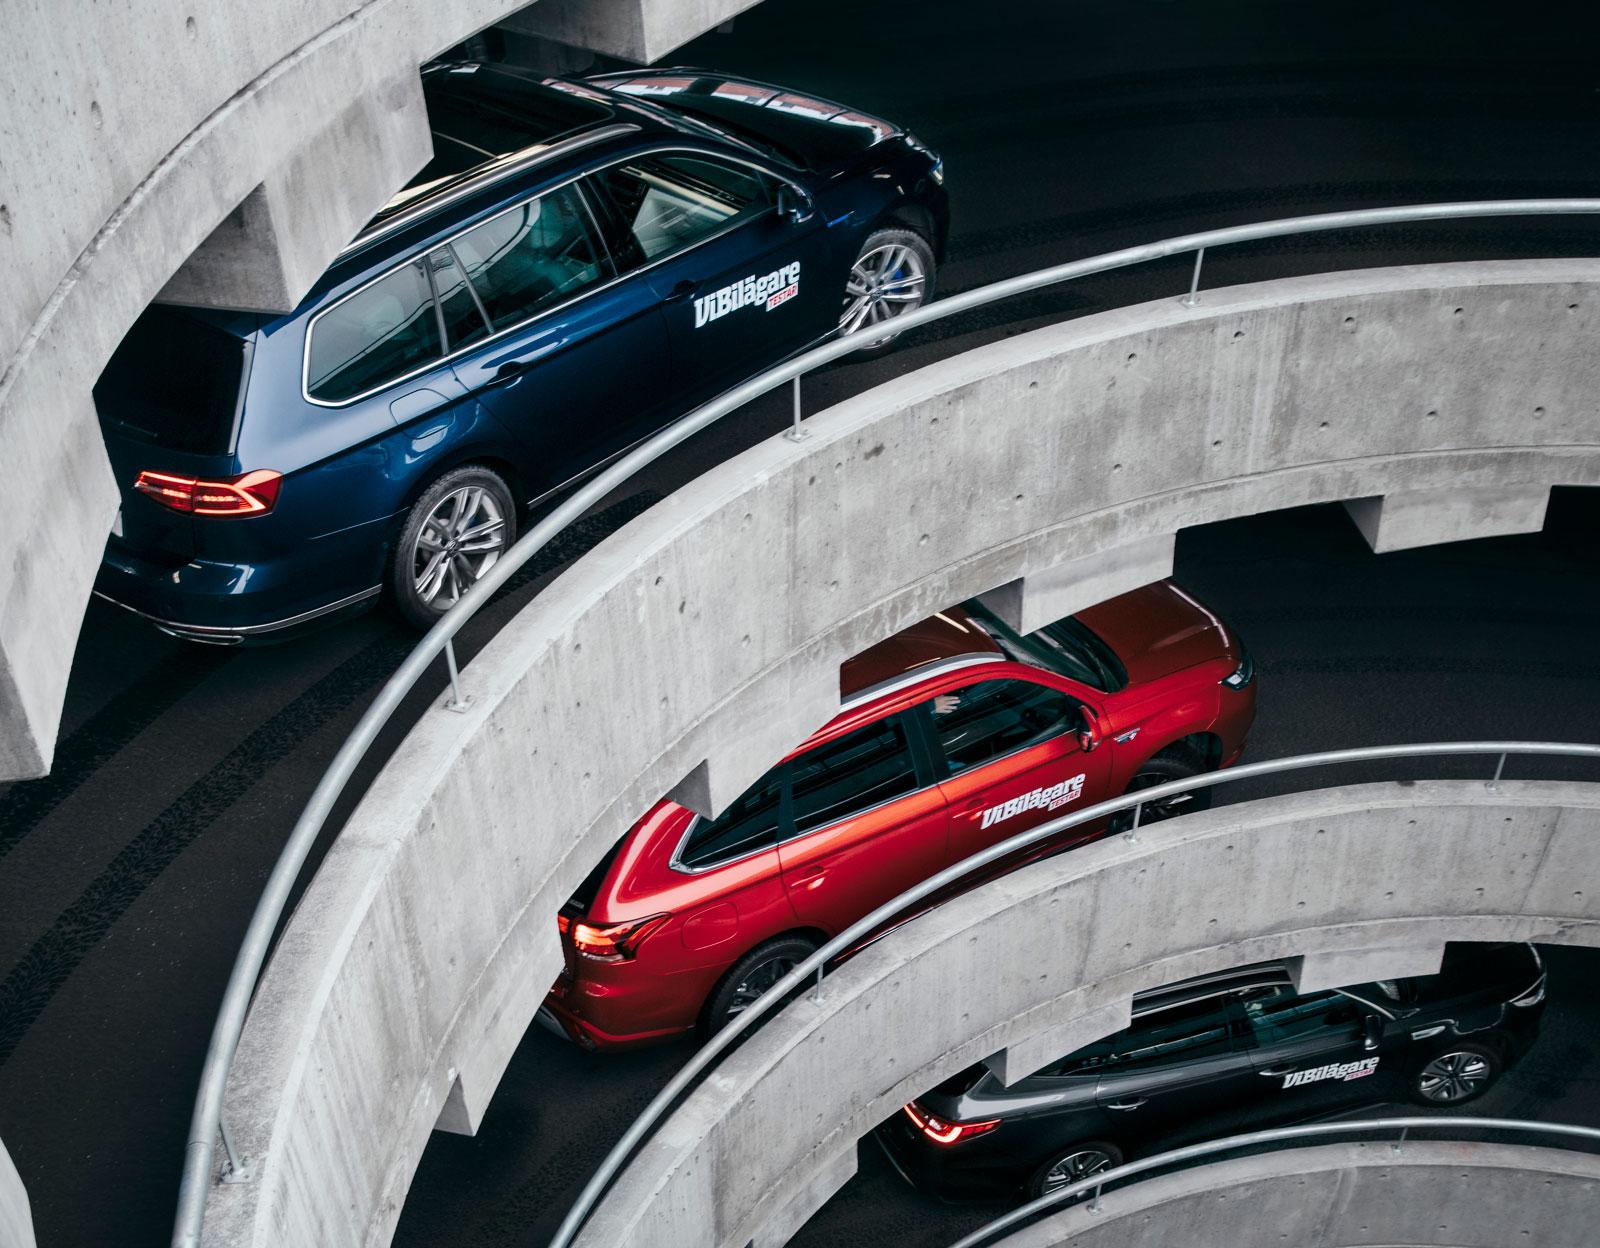 Kuggfrågor för hybridfunderare: Är räckvidden, kostnaden eller själva bilen viktigast i valet?